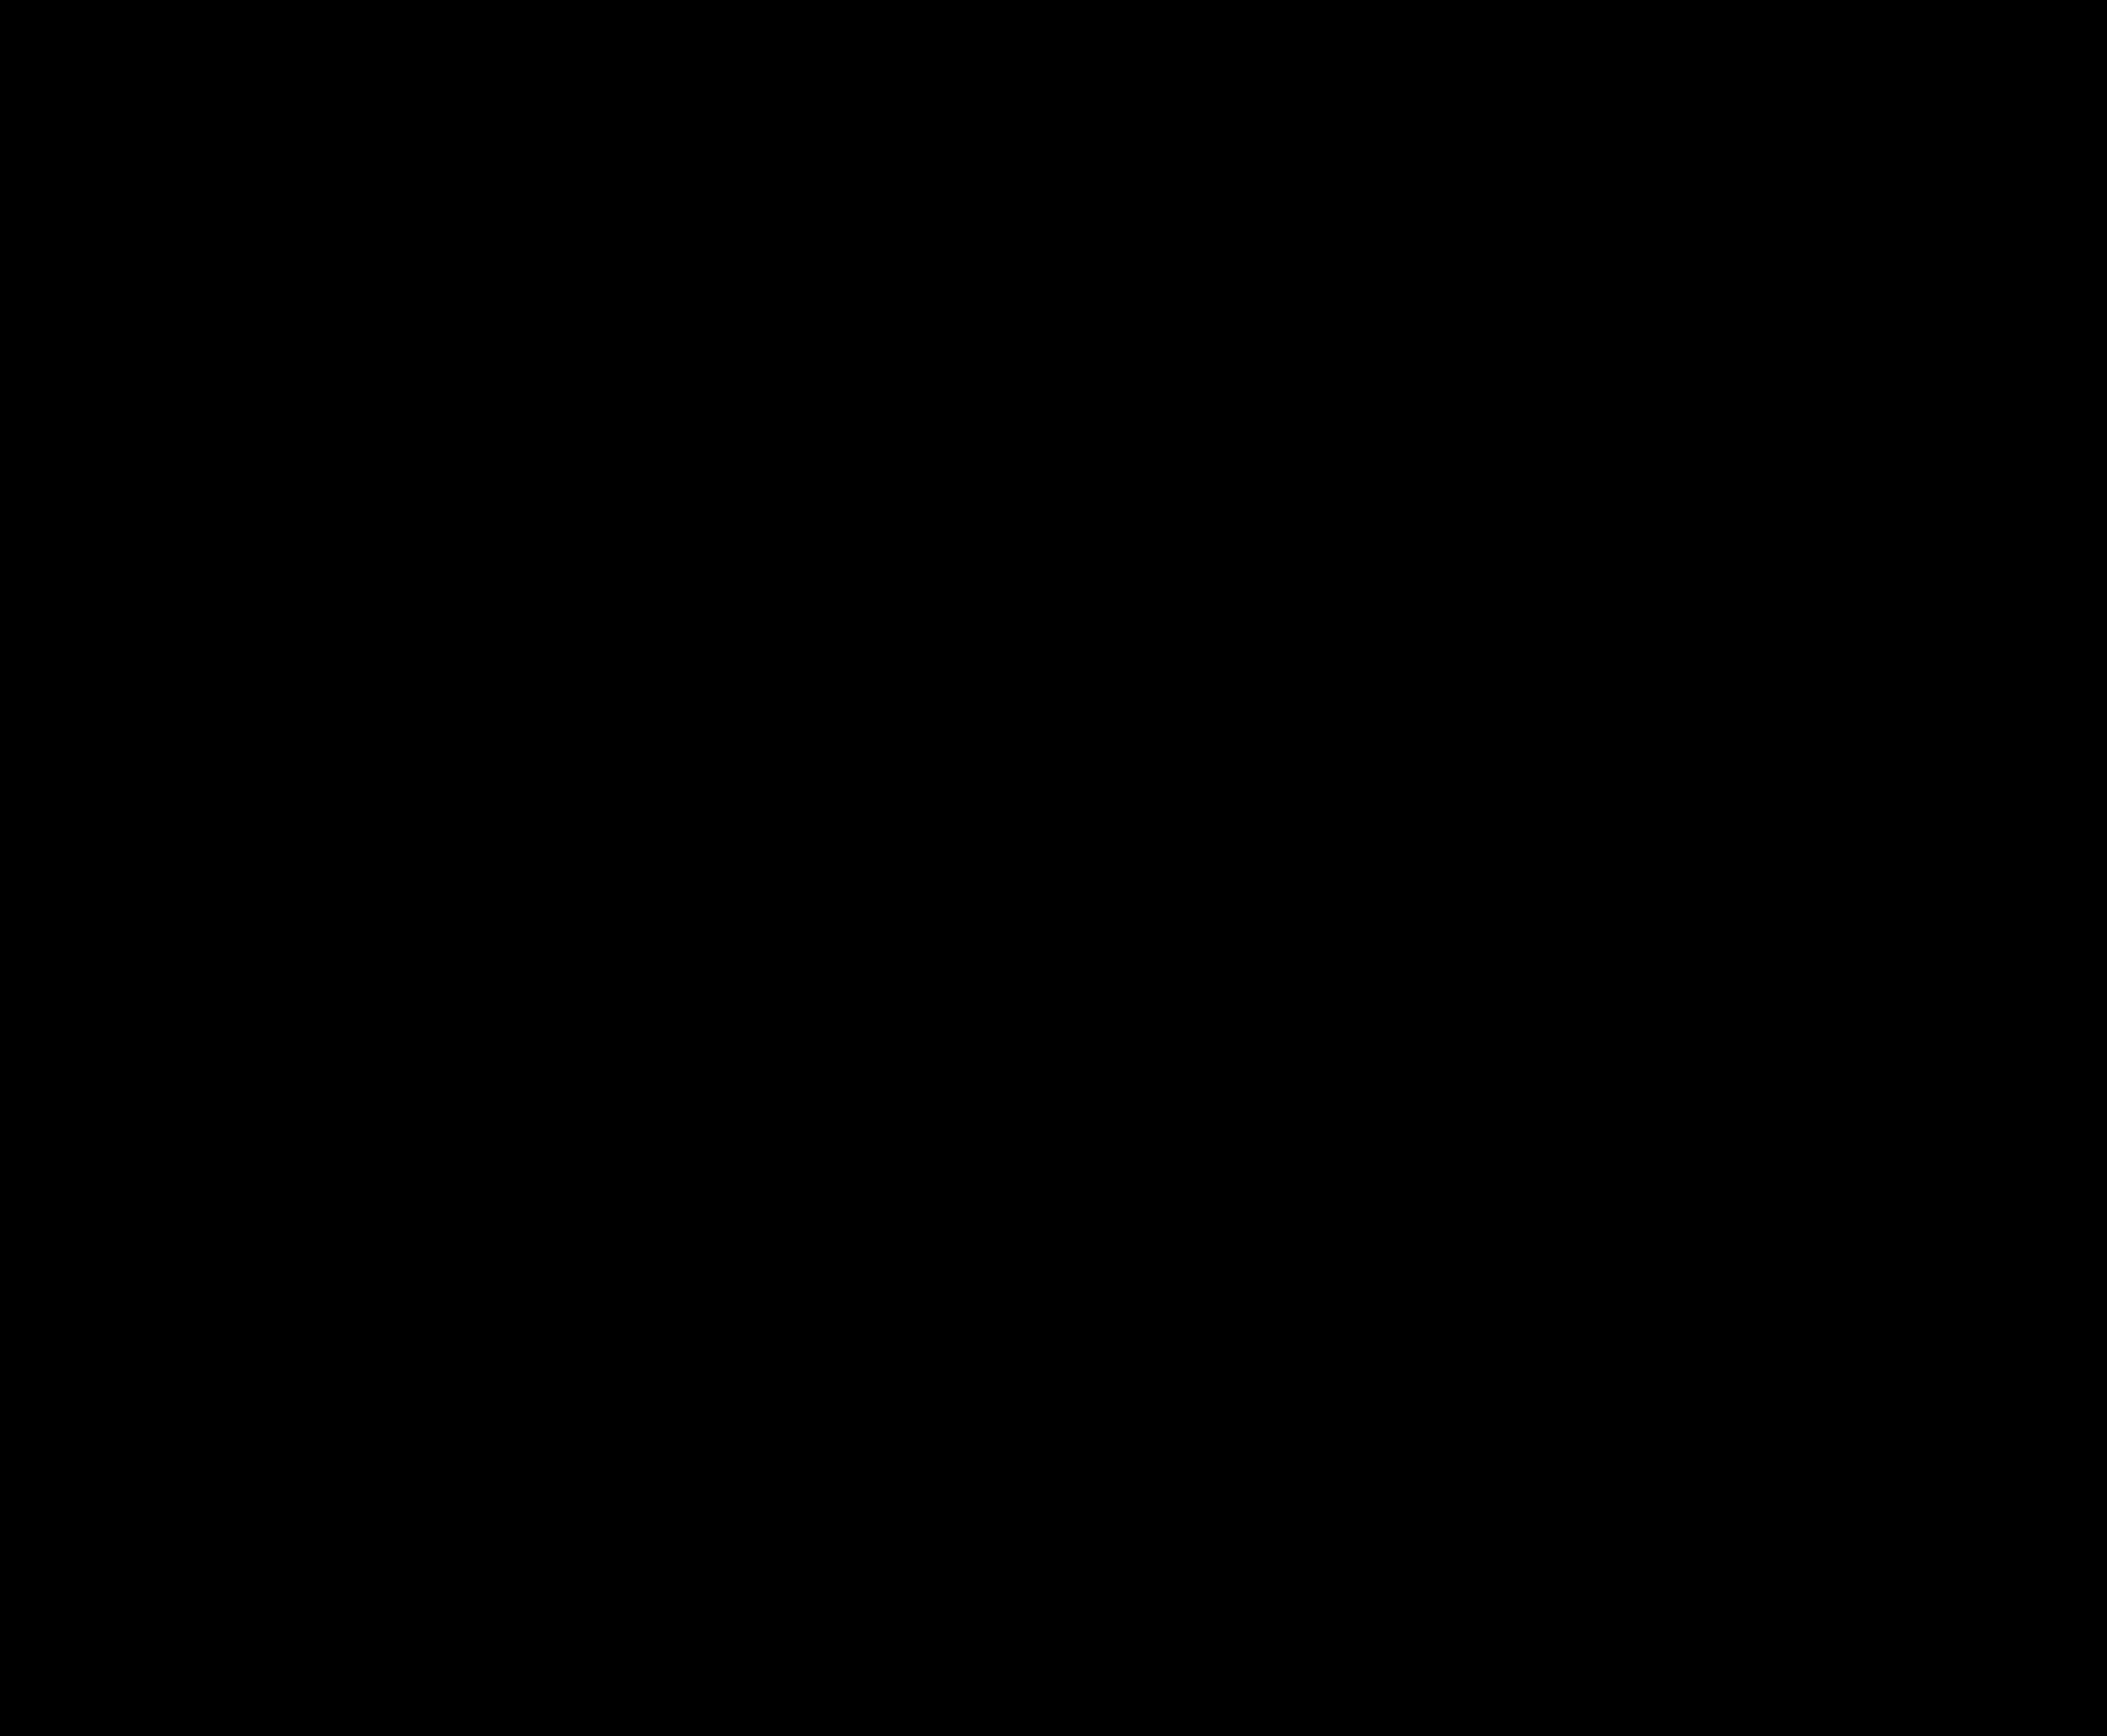 Puertas: Productos de Tableros Casado